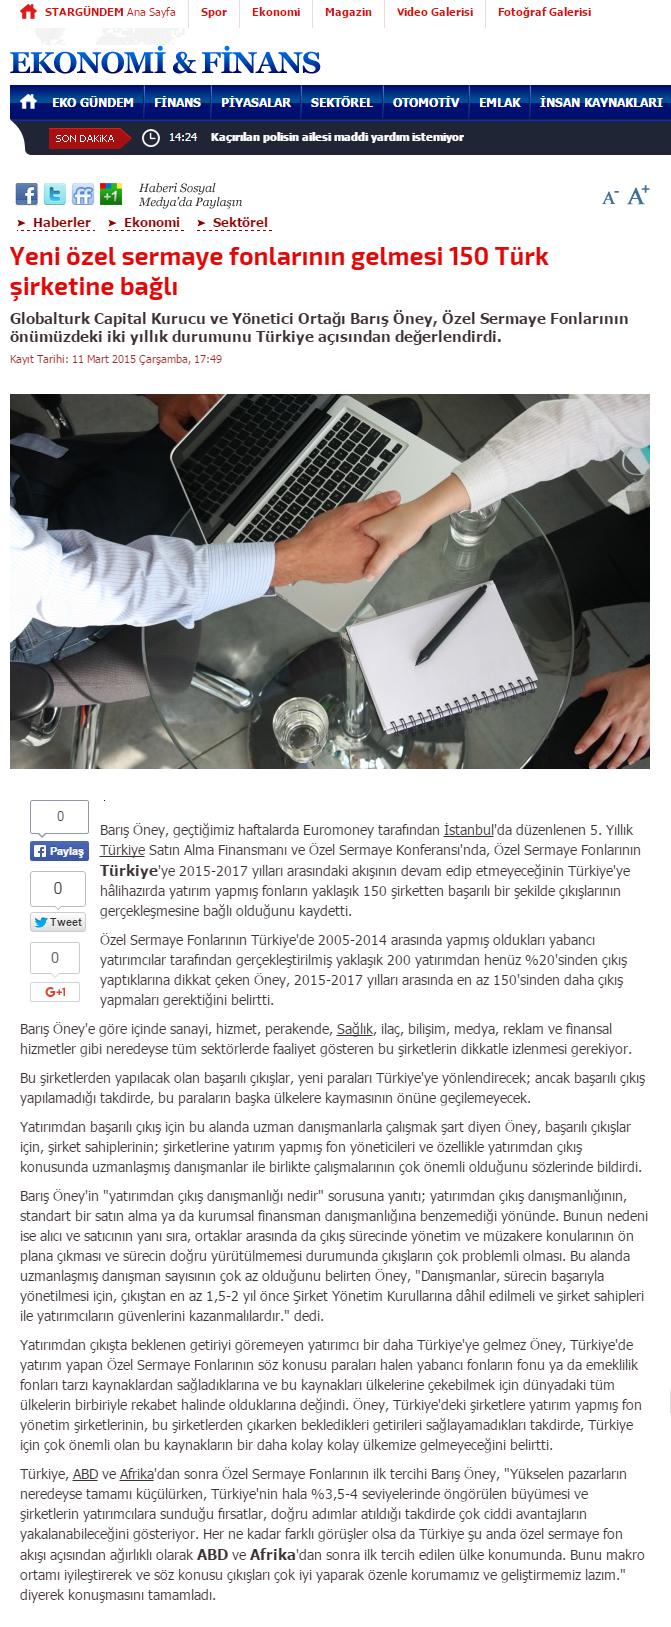 Yeni Özel Sermaye Fonlarının Gelmesi 150 Türk Şirketine Bağlı | Stargundem.com